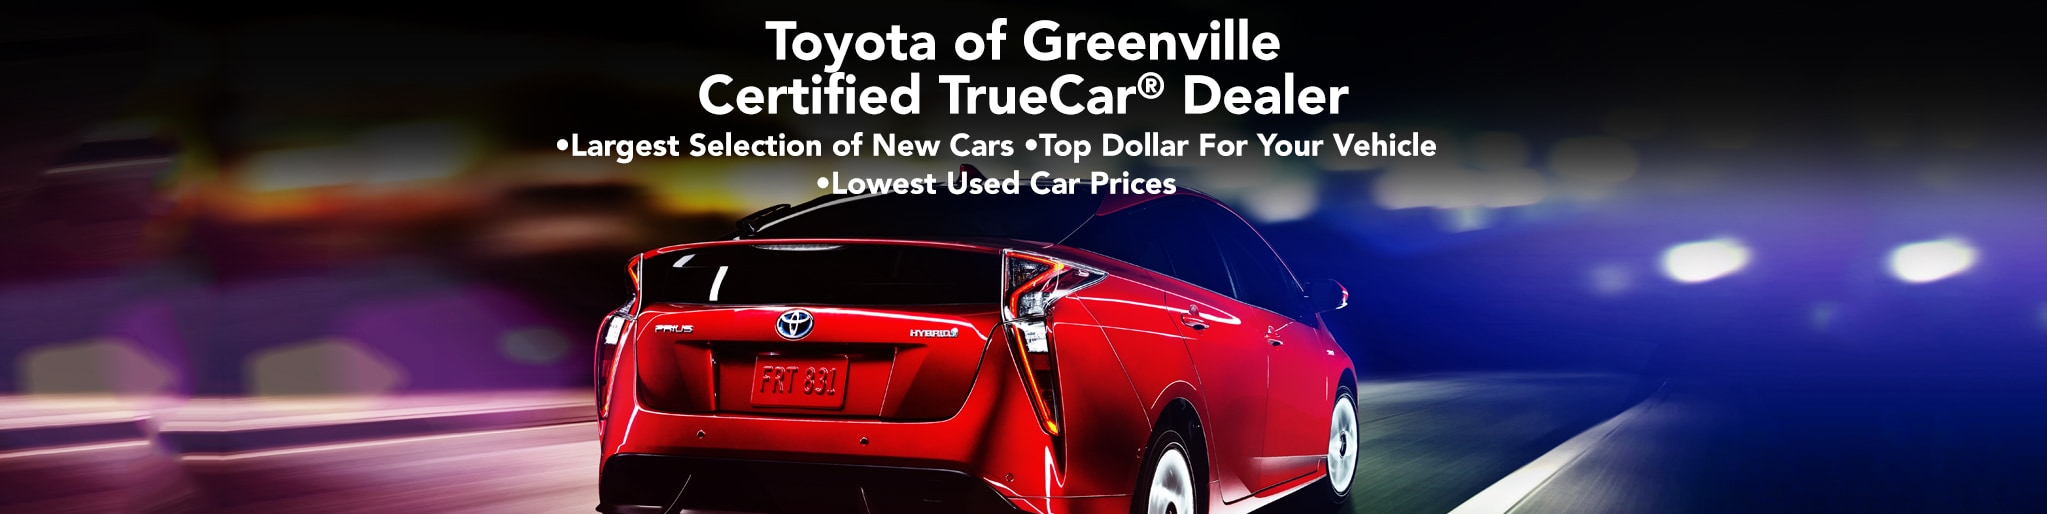 Certified TrueCar Toyota Dealer in Greenville SC